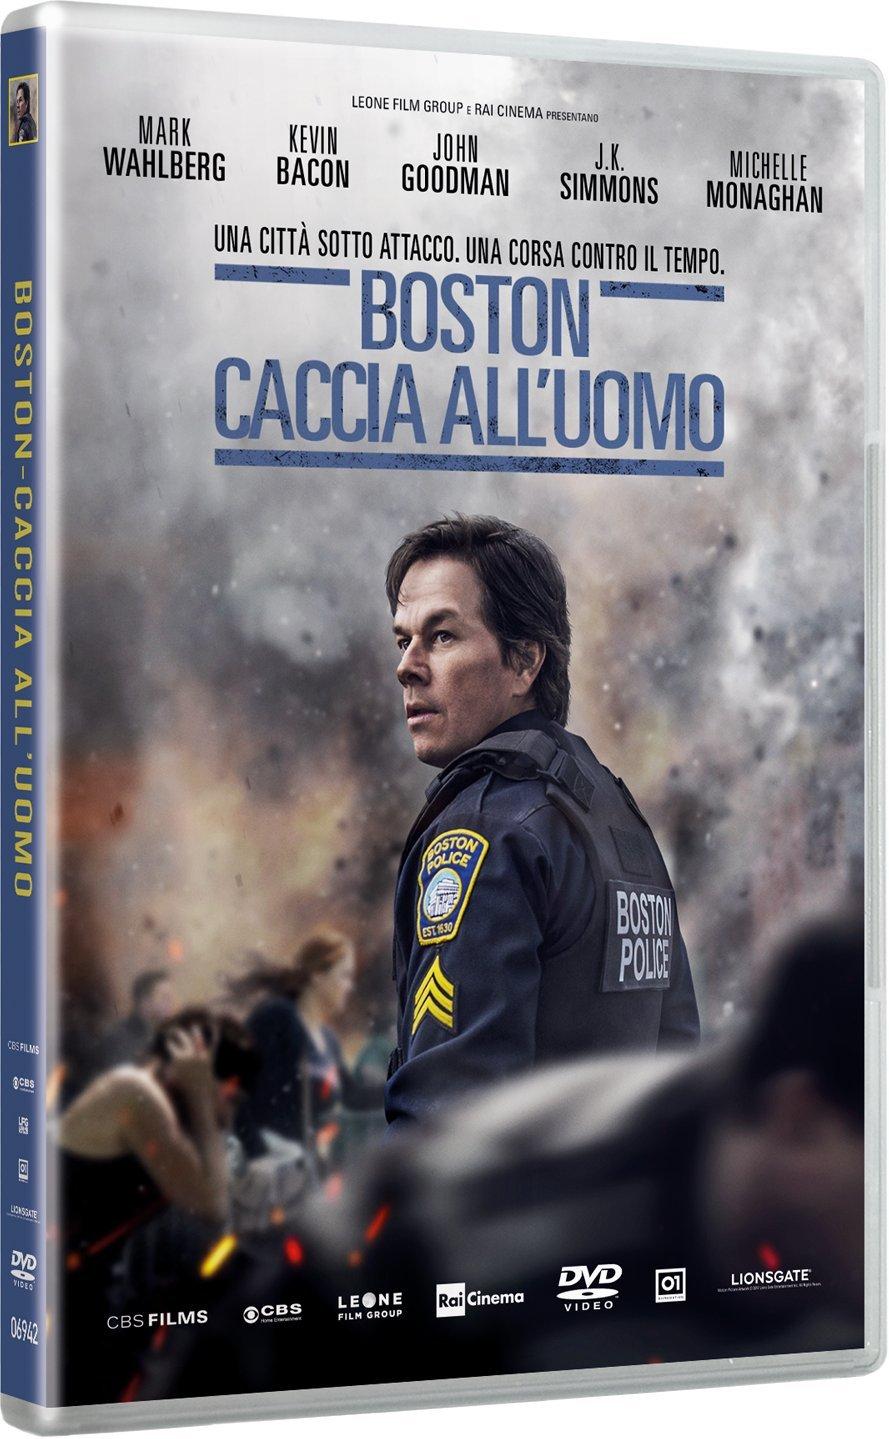 BOSTON - CACCIA ALL'UOMO (DVD)